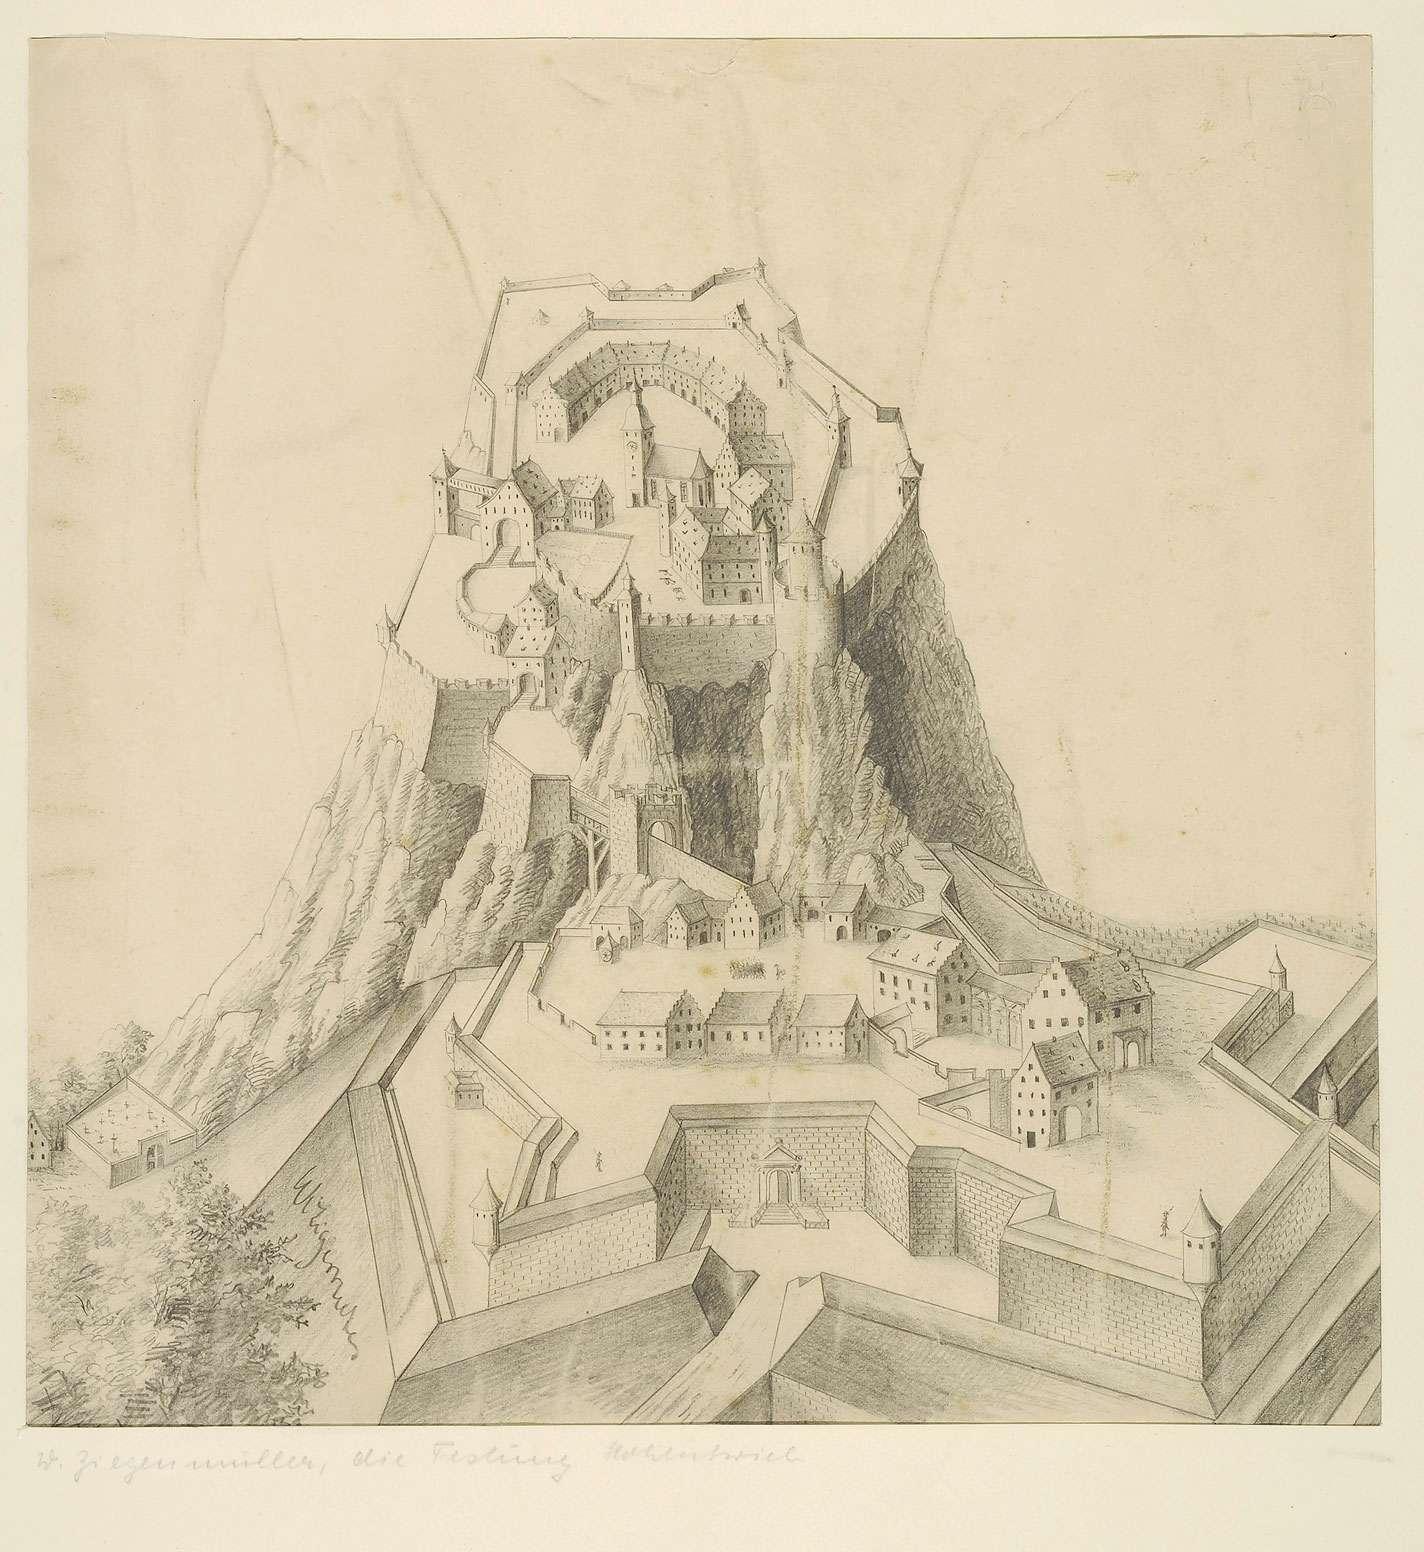 Festung Hohentwiel aus der Vogelperspektive und als Aufriss, Rekonstruktionsversuch, Bild 1